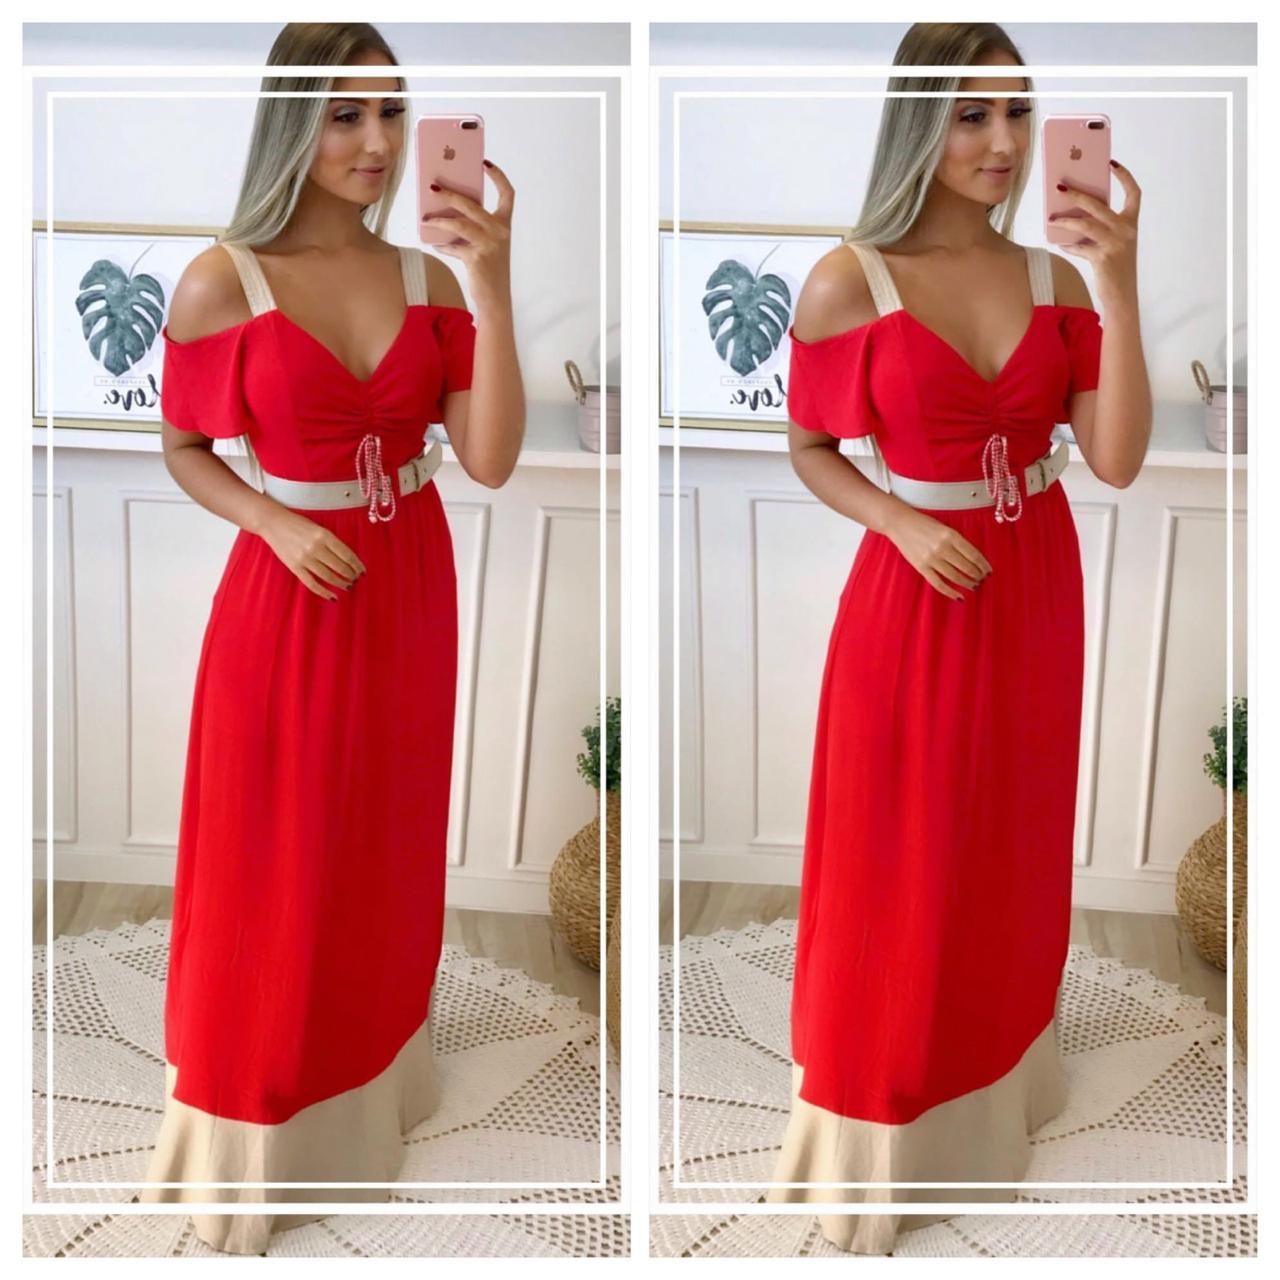 Vestido Giovana Longo Crepe  barrado em linho +cinto  Composição:  83%VISCOSE 17%LINHO